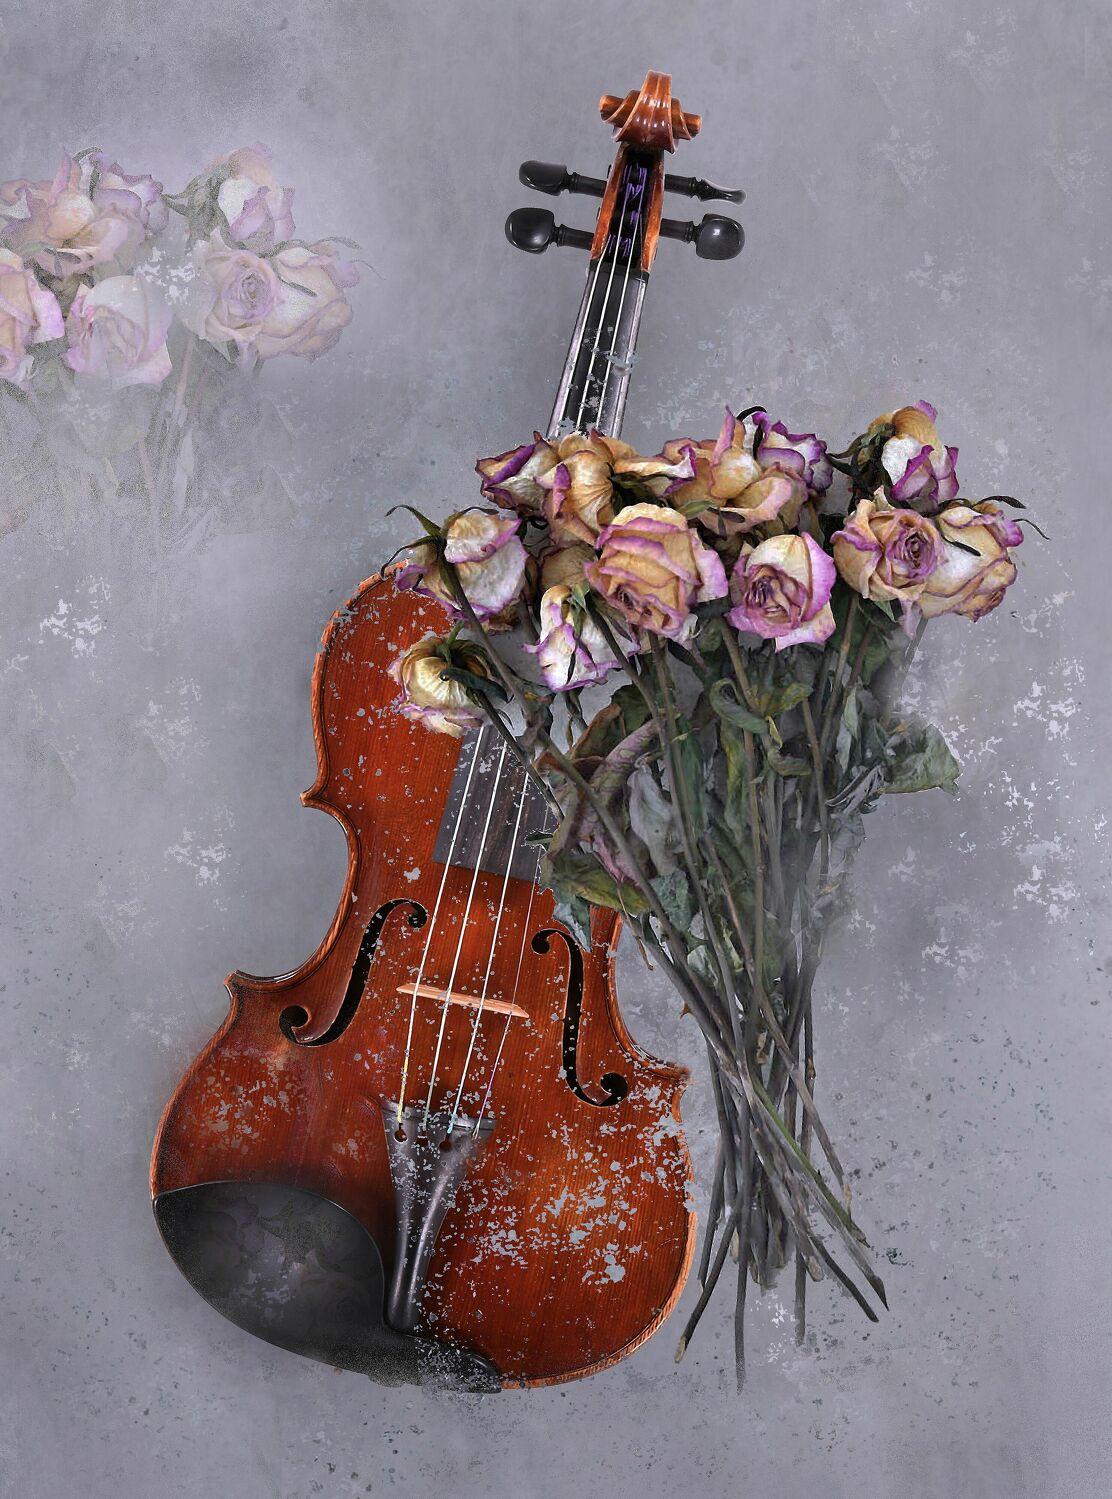 Bild mit Blumen, Rosen, Musikinstrument, Rose, romantik, Blüten, Textur, Musik, romantisch, geige